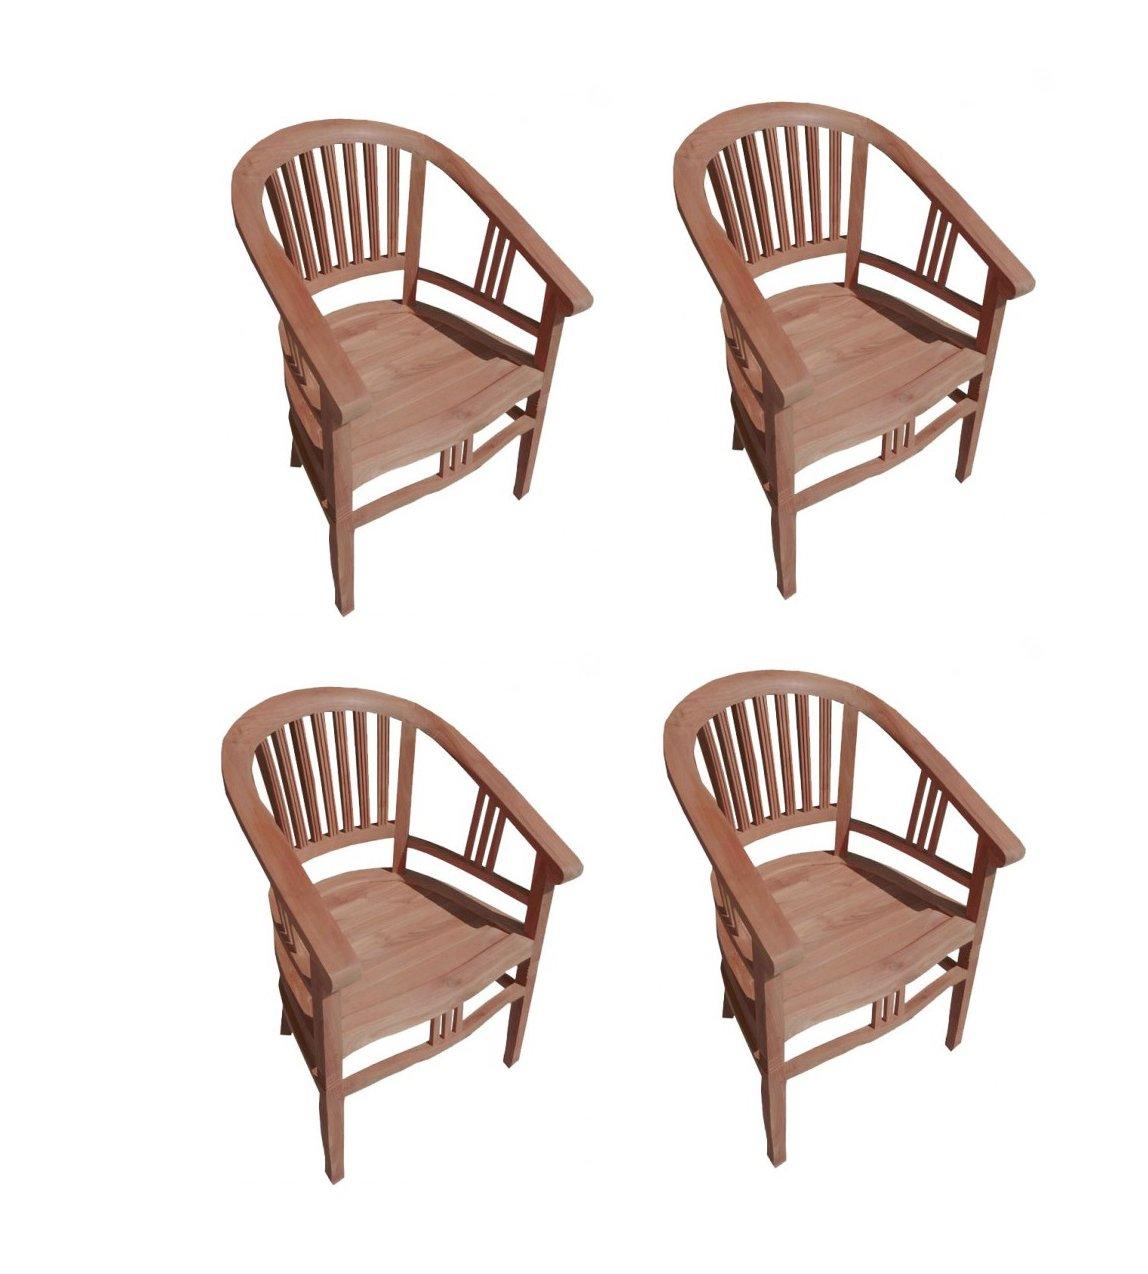 4er Spar-Set Gartenstuhl Sessel aus Teak Holz mit Armlehnen Moreno günstig kaufen